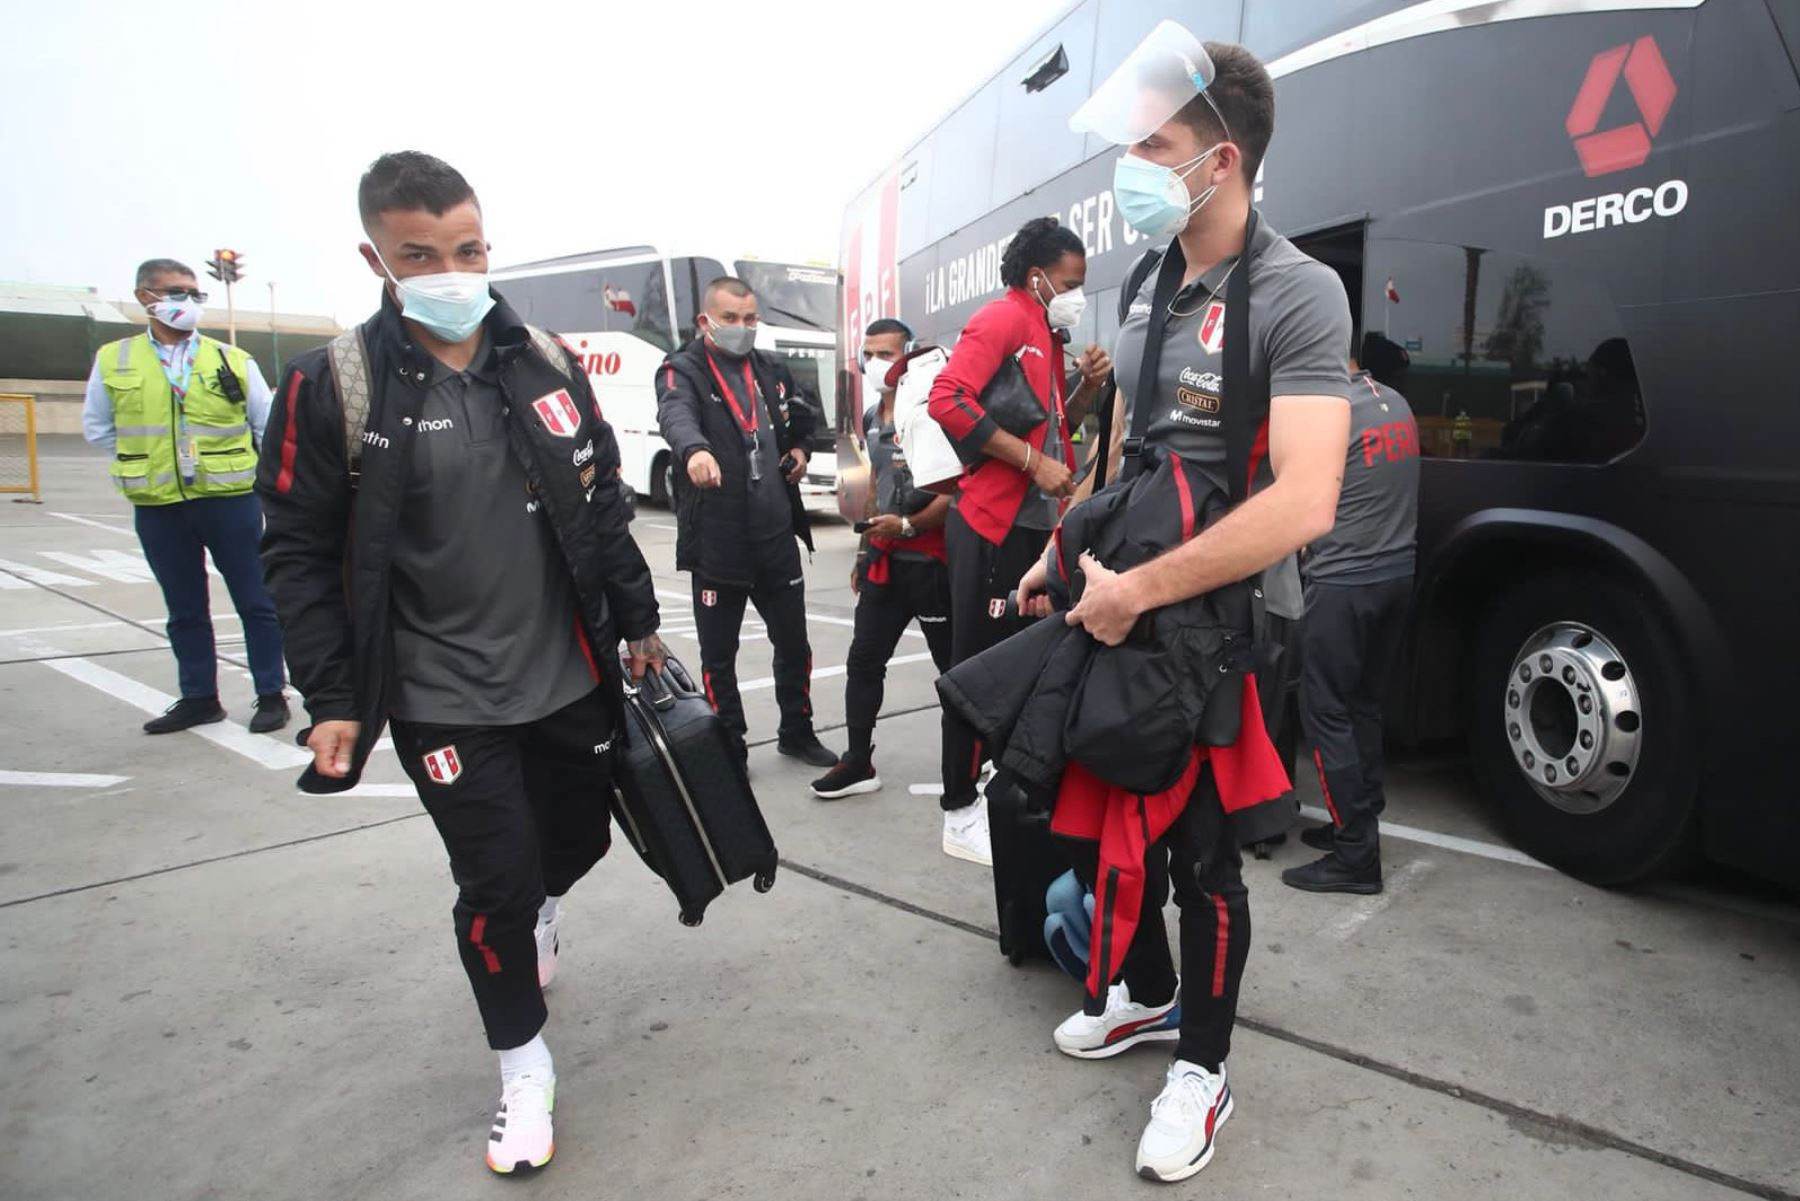 Selección peruana: Afición le dio una calurosa bienvenida a su llegada a La Paz